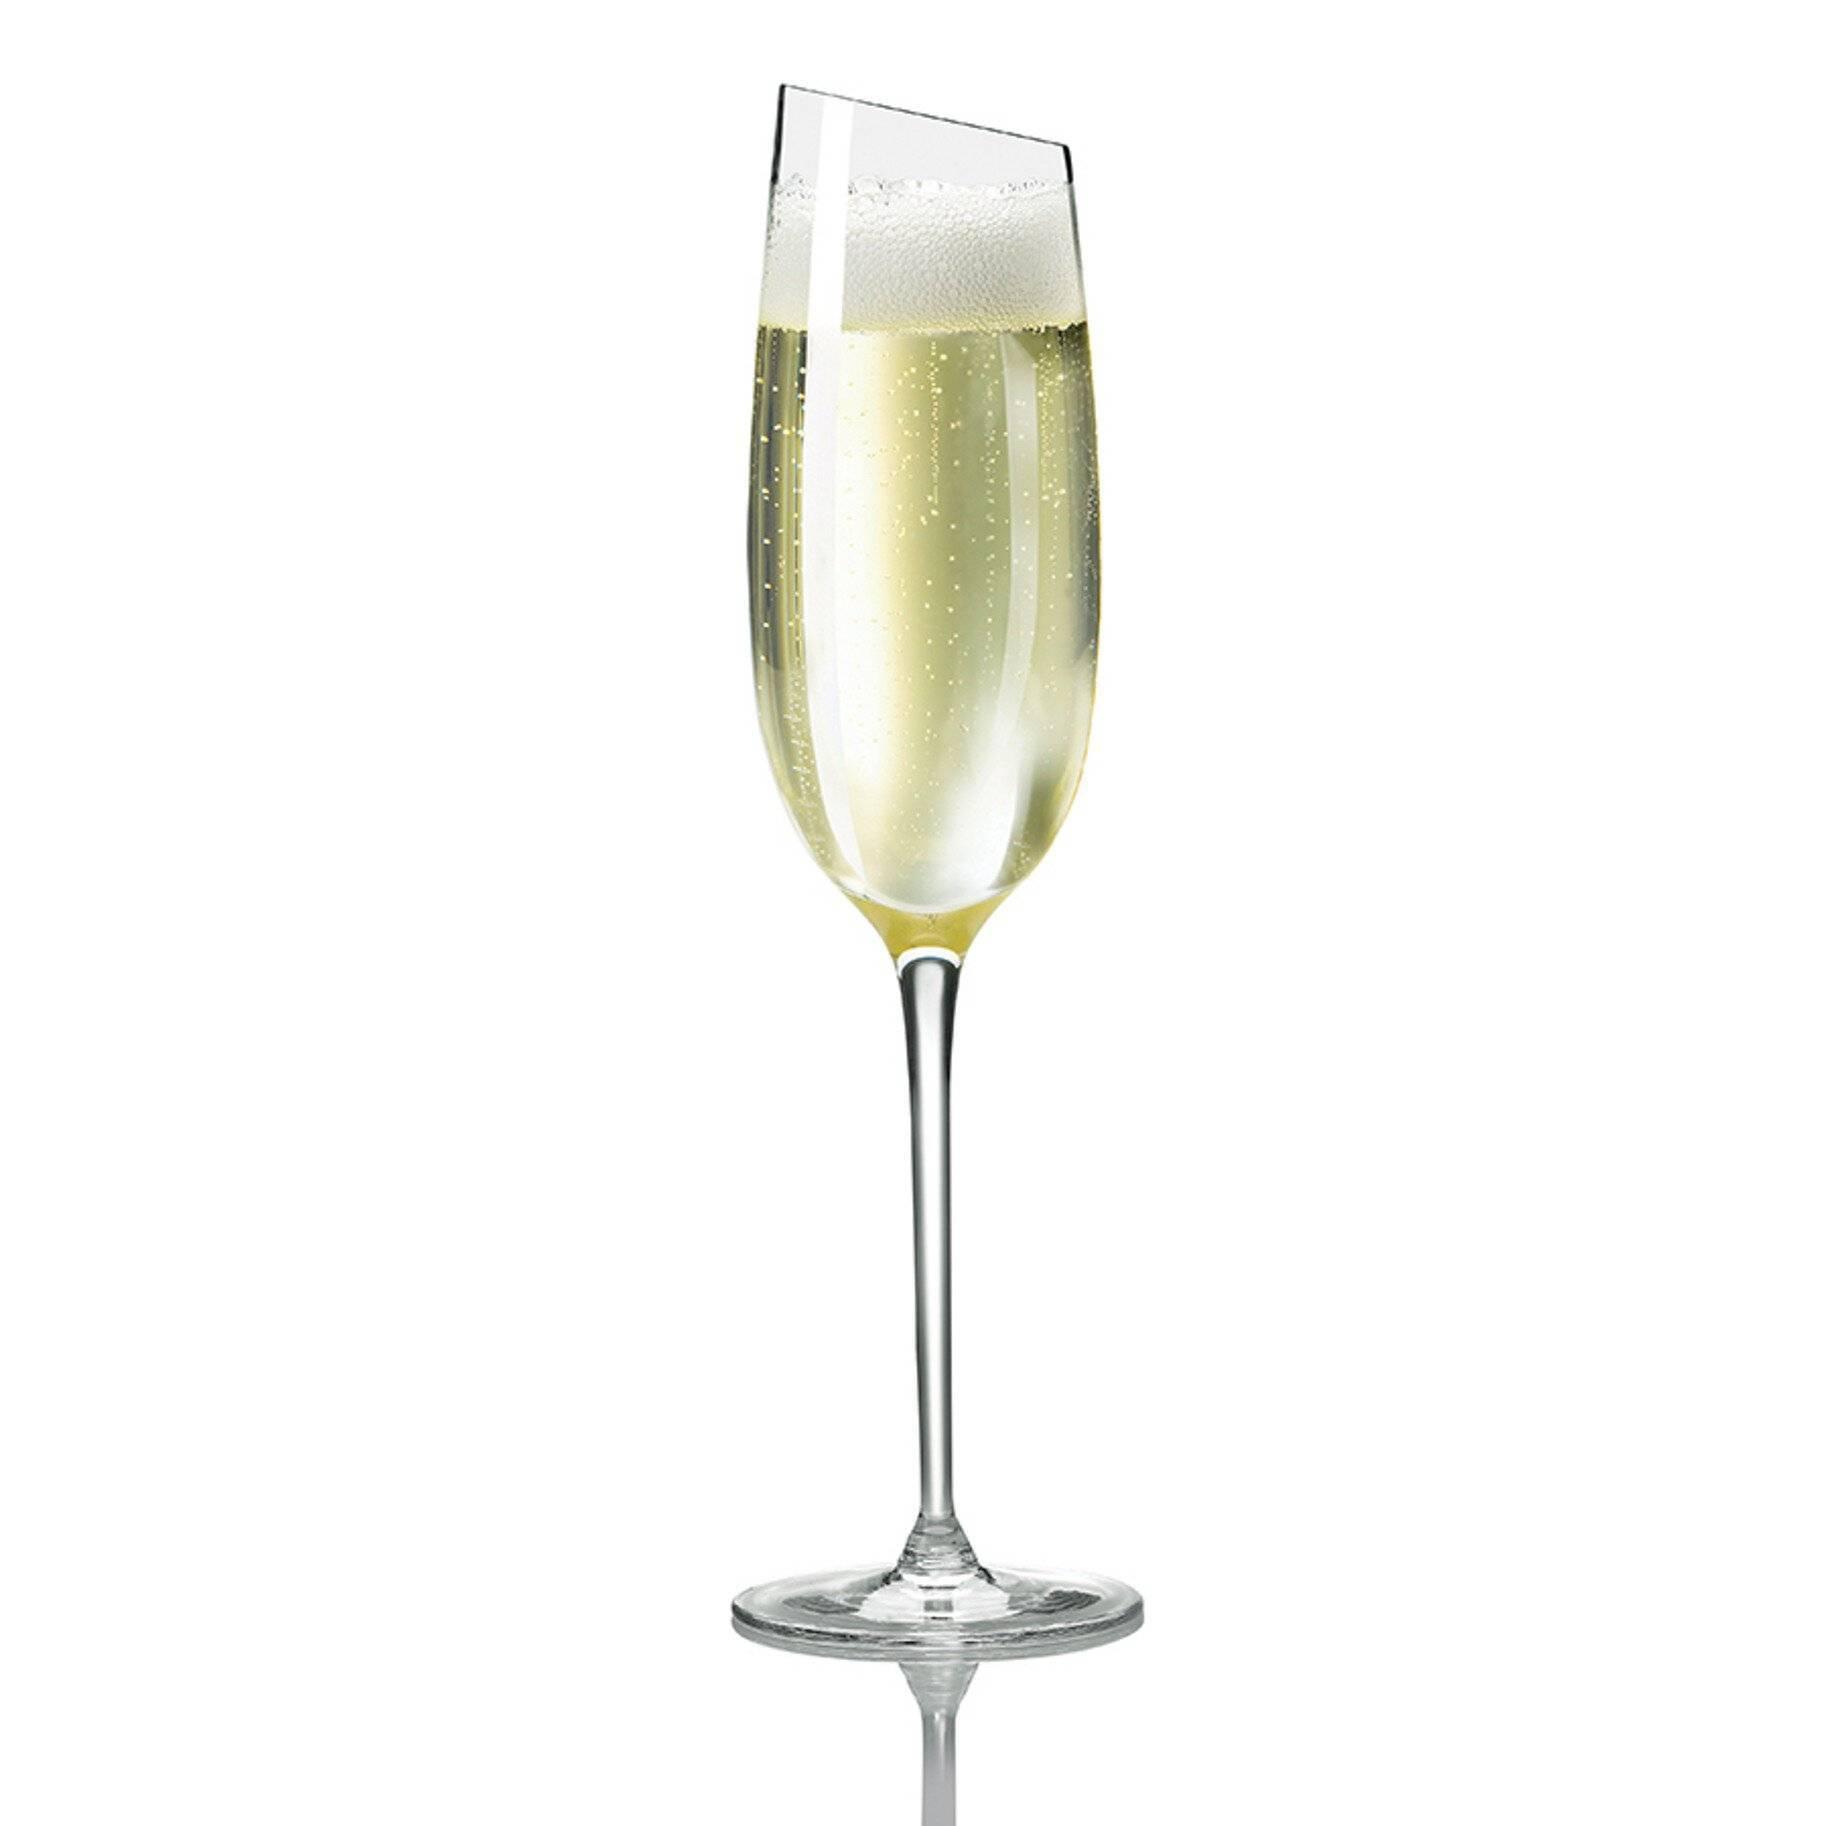 Бокал шампанского: мастер-класс по праздничному декору